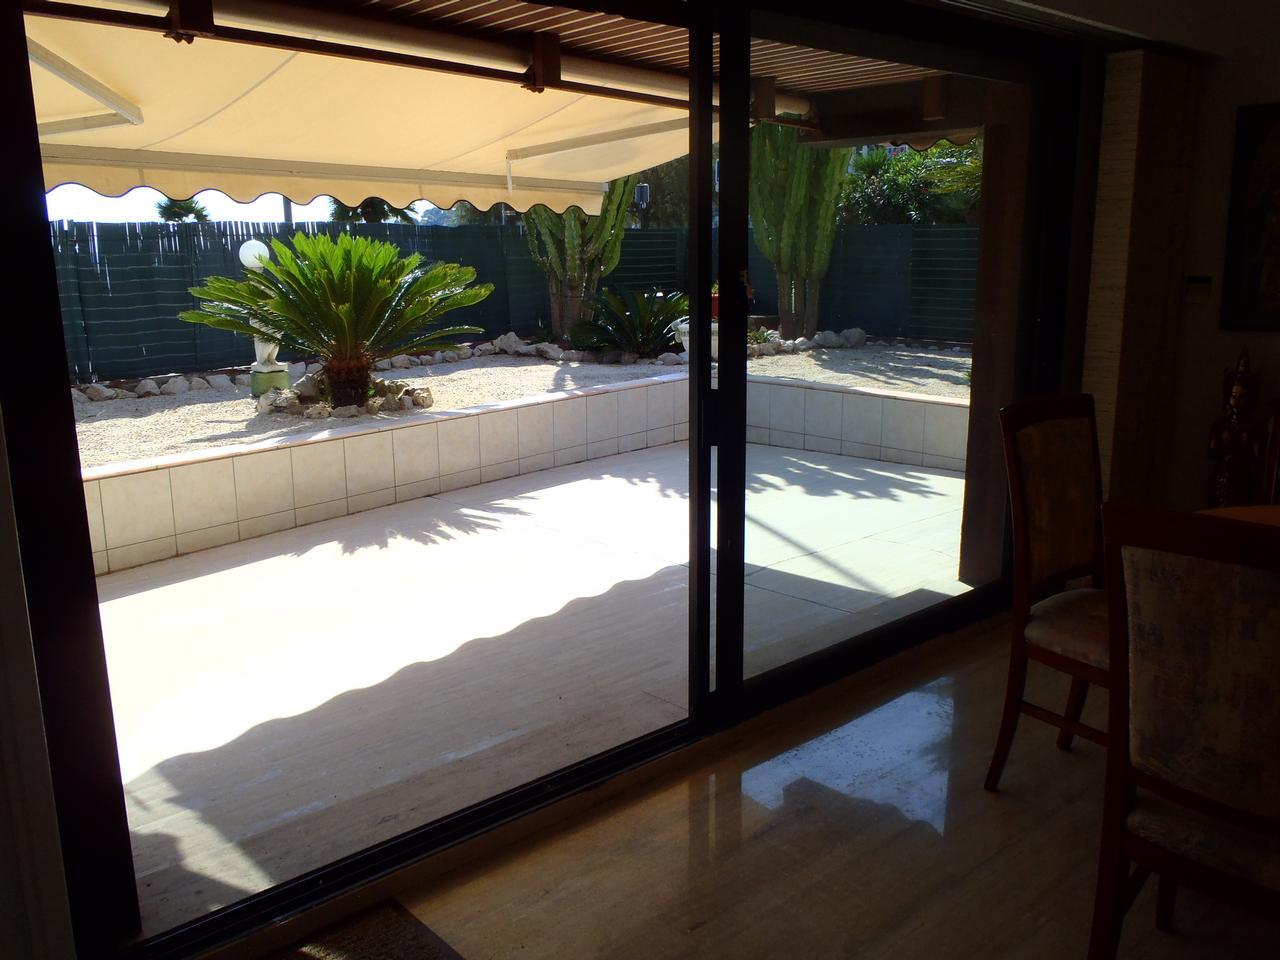 Immobilier nice vue mer appartement roquebrune cap martin for Appartement avec jardin nice